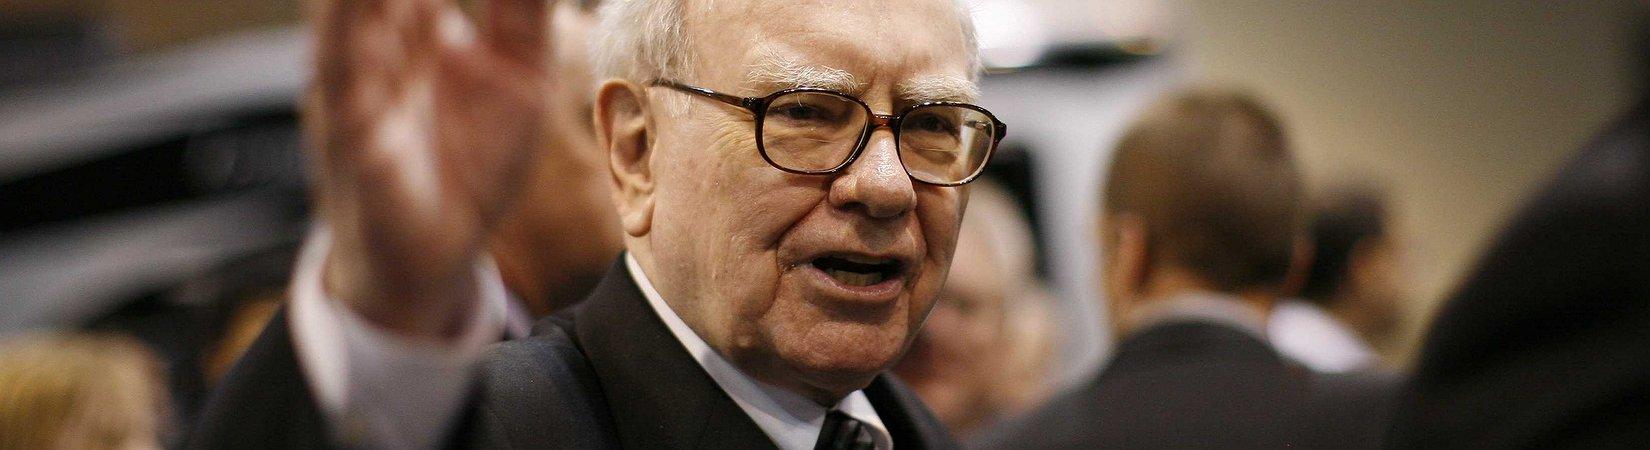 Desde Jobs hasta Buffett: personas que crearon grandes empresas a través de la cultura corporativa